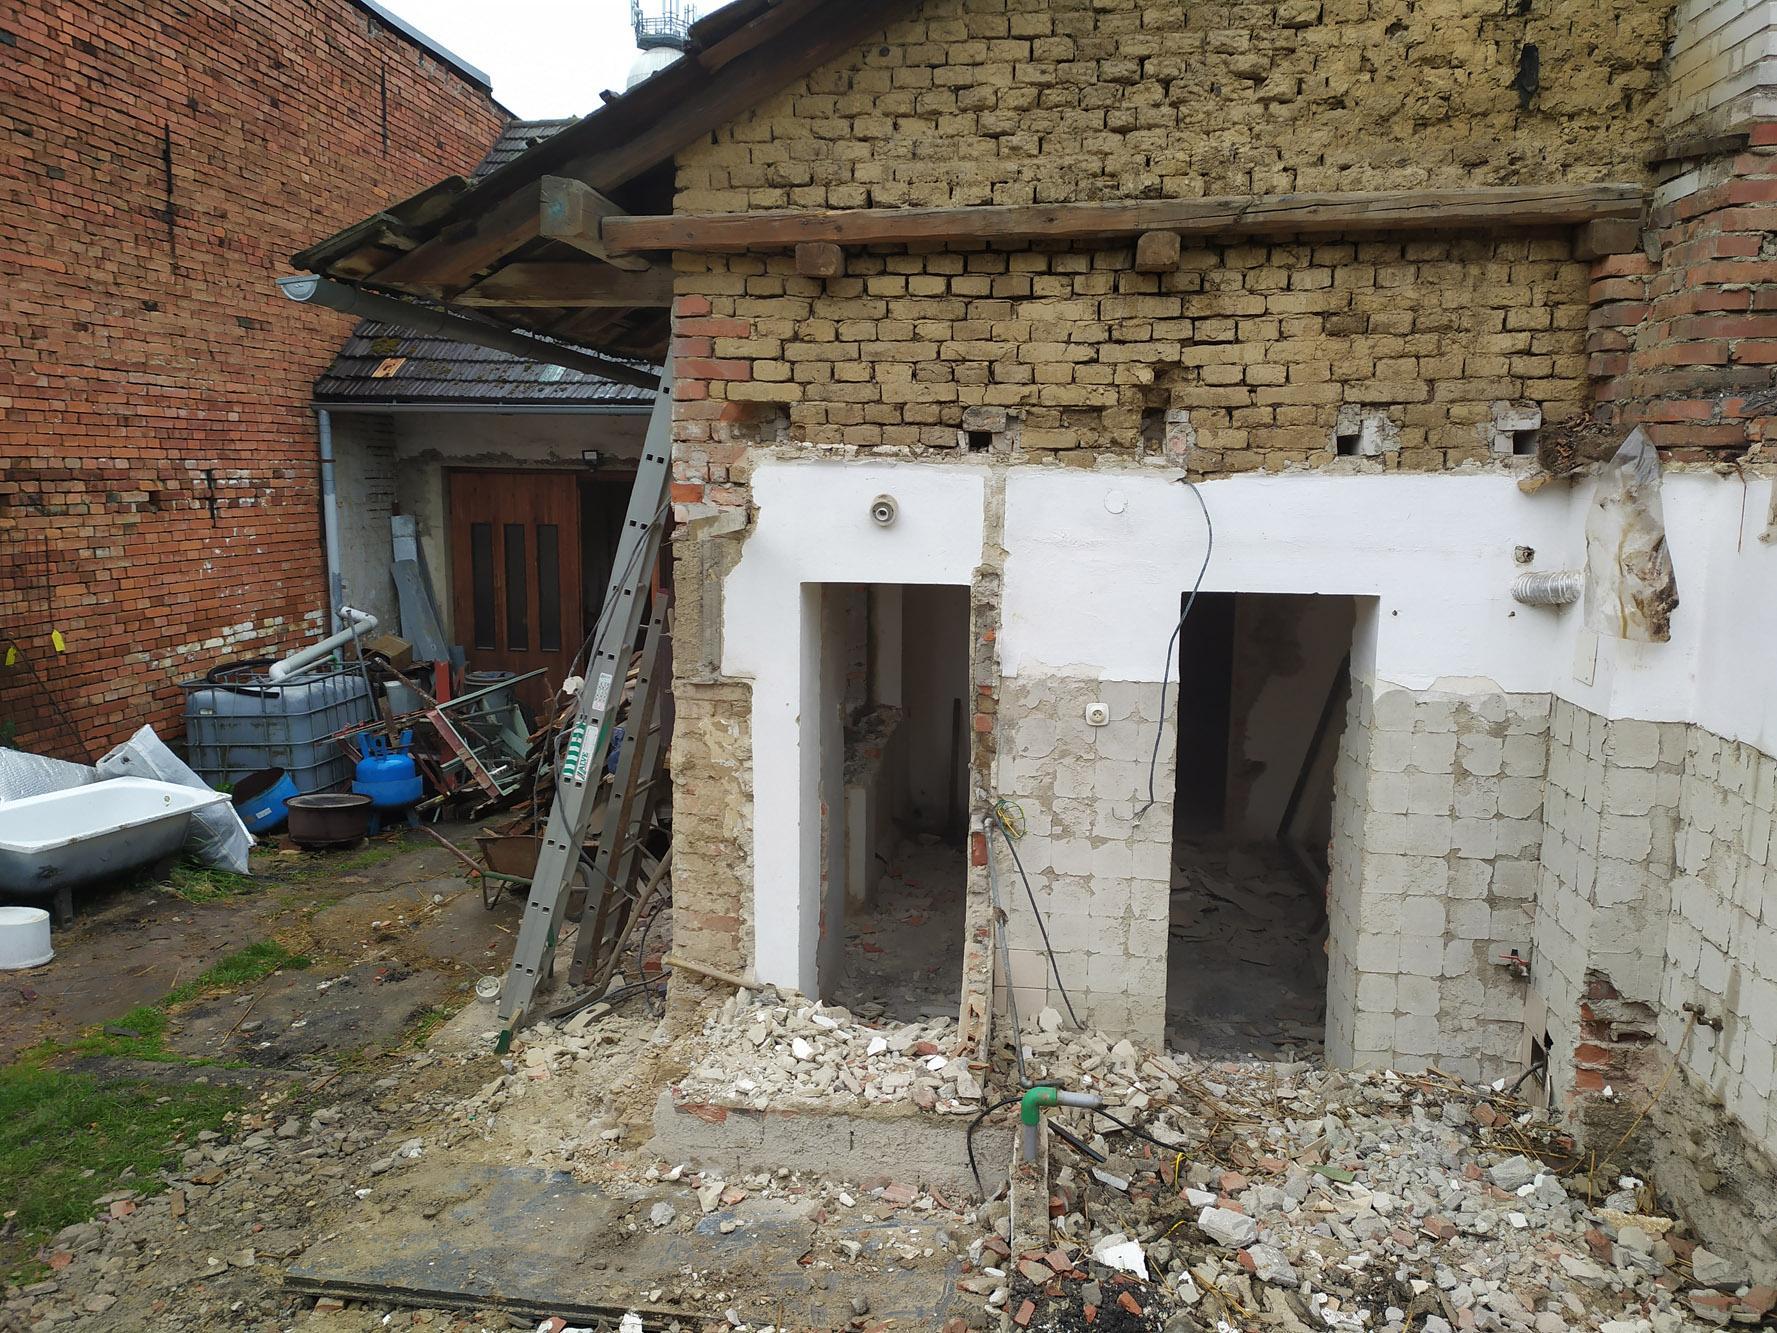 Bourání staré a stavba nové řadovky - Obrázek č. 19